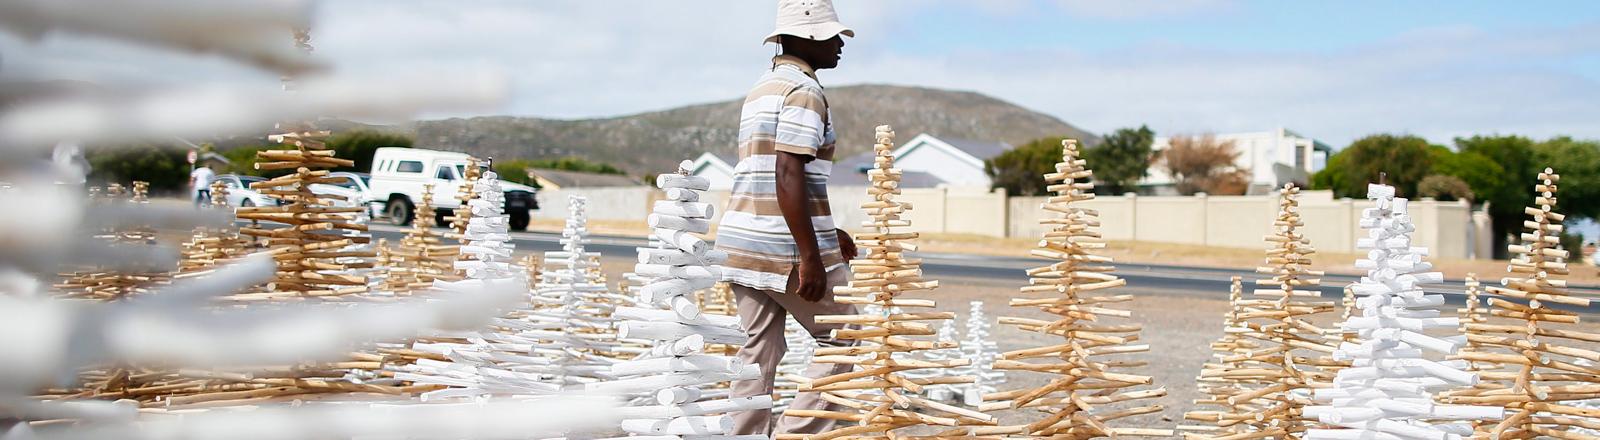 Ein Mann verkauft in Cape Town eine südafrikanische Art von Weihnachtsbäume: Die Bäume werden aus heimischen Holz hergestellt.